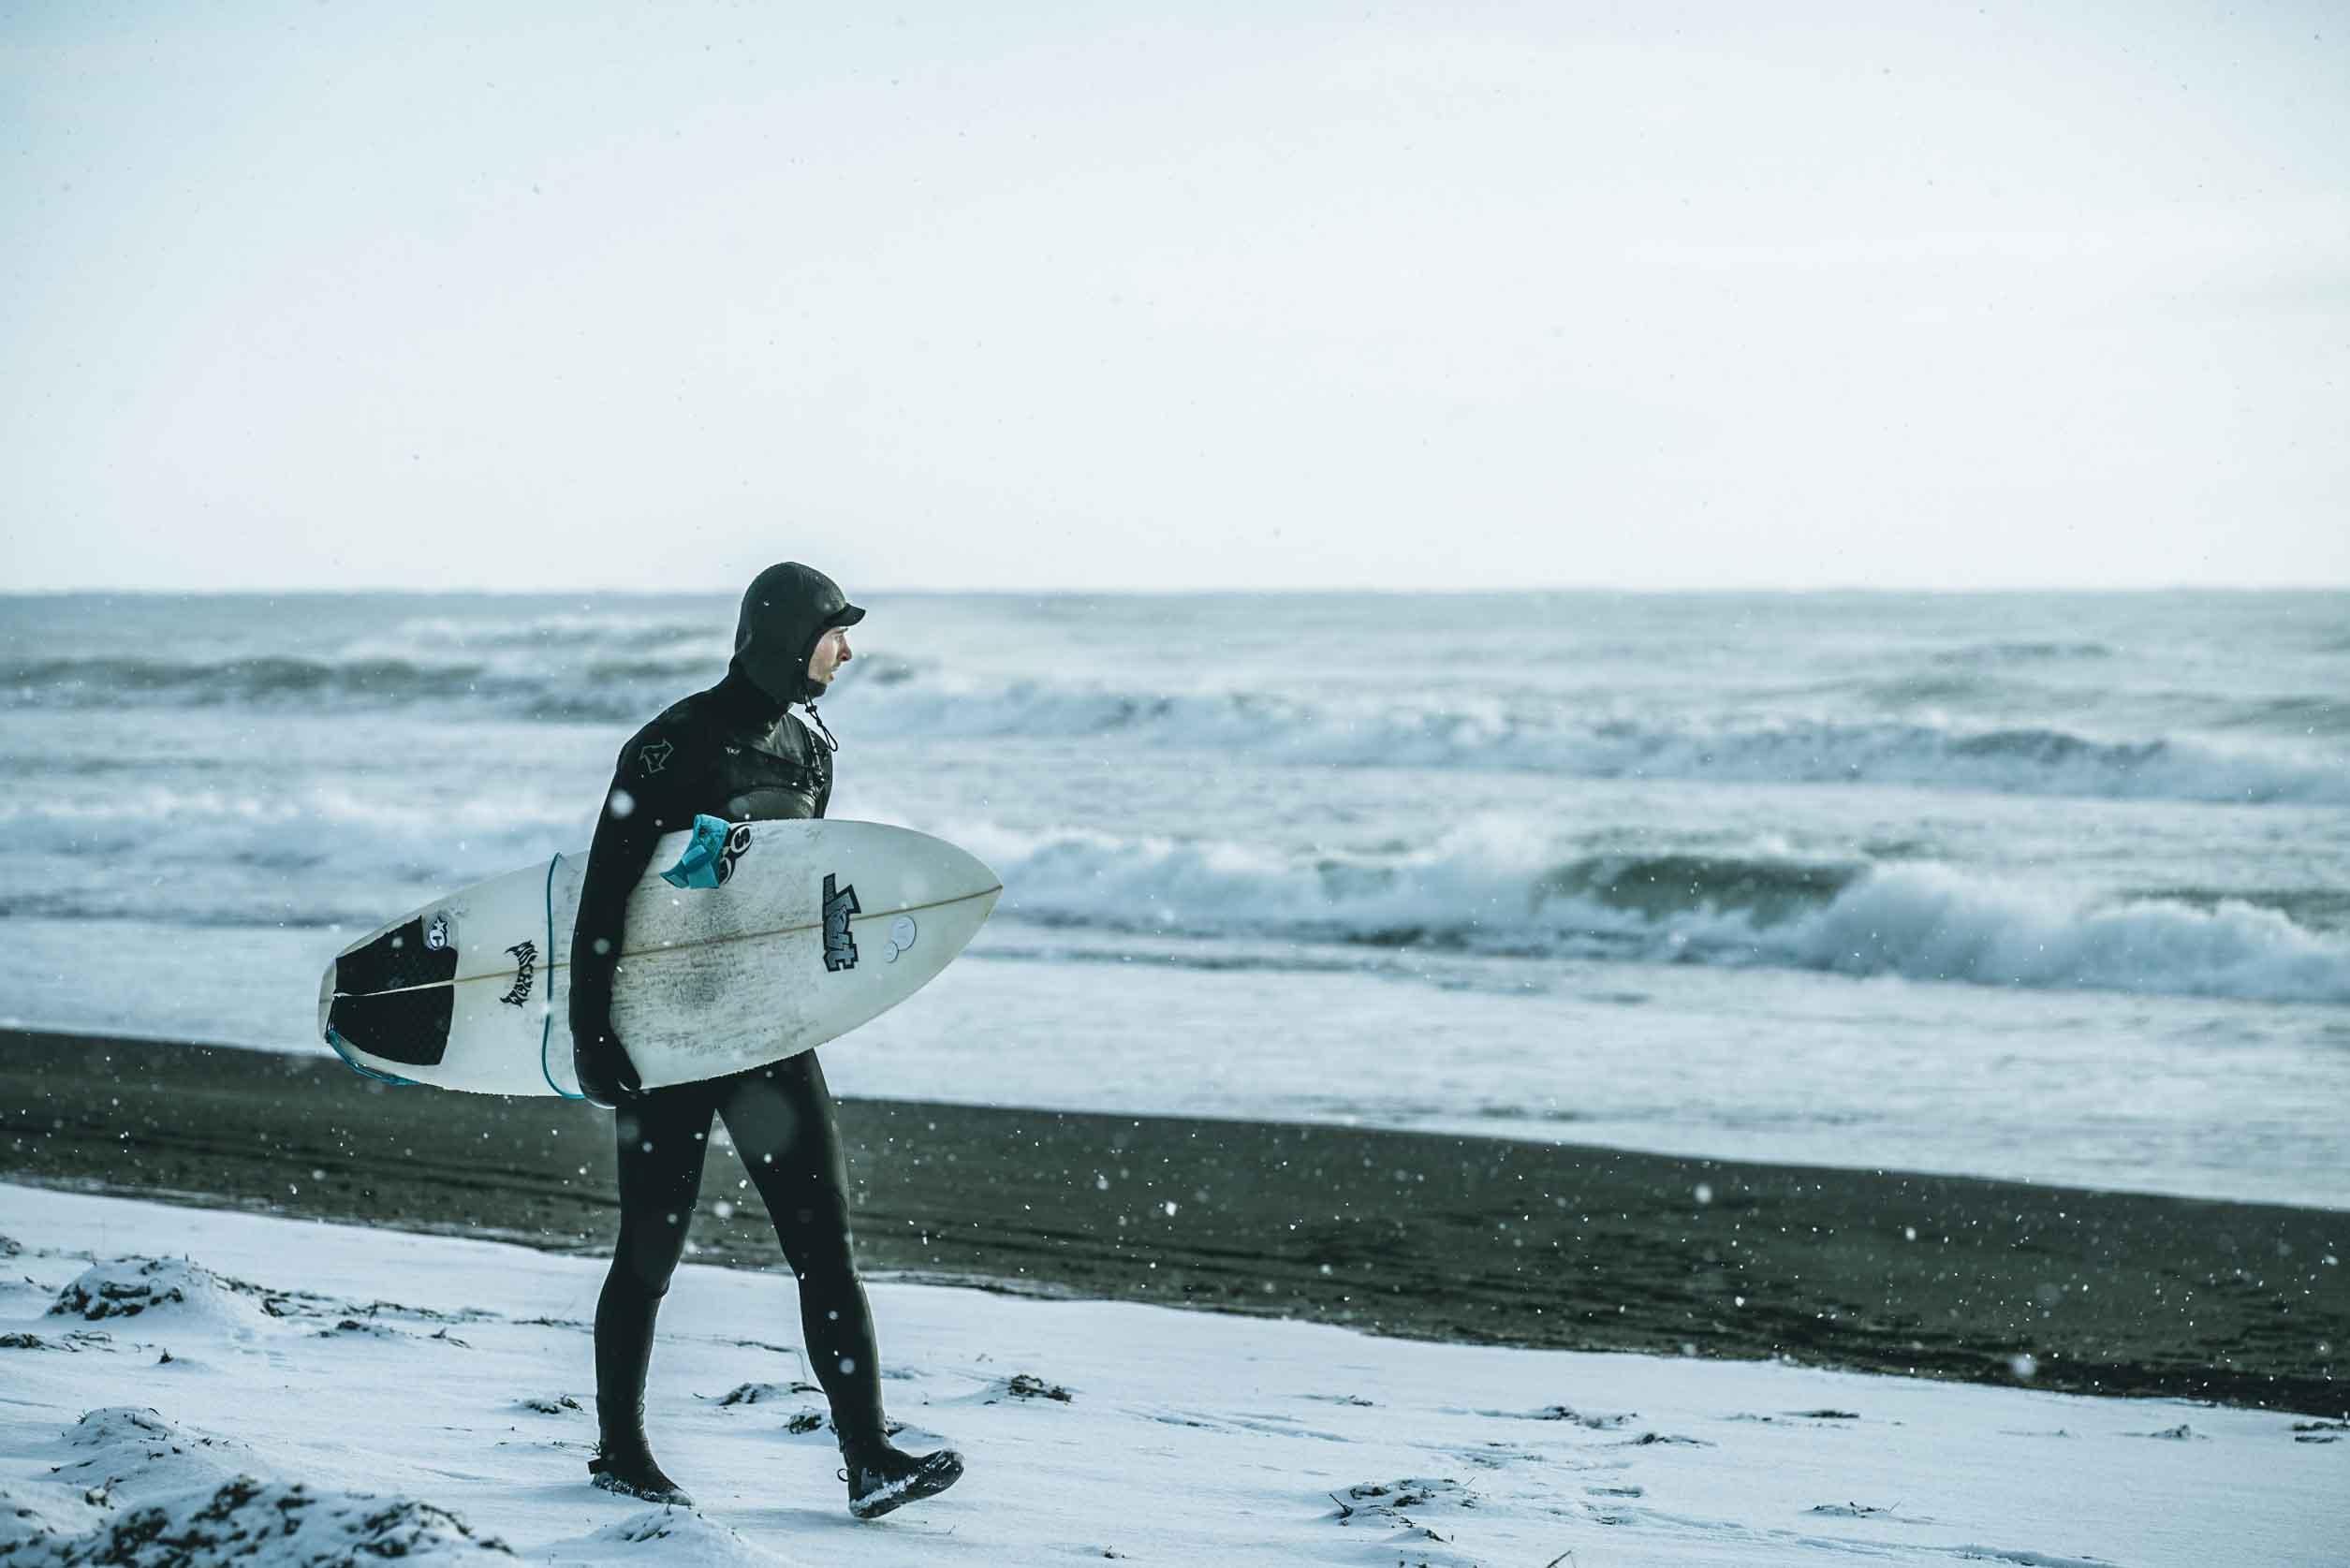 Island Surftrip Reisen Urlaub Wellenreiten3